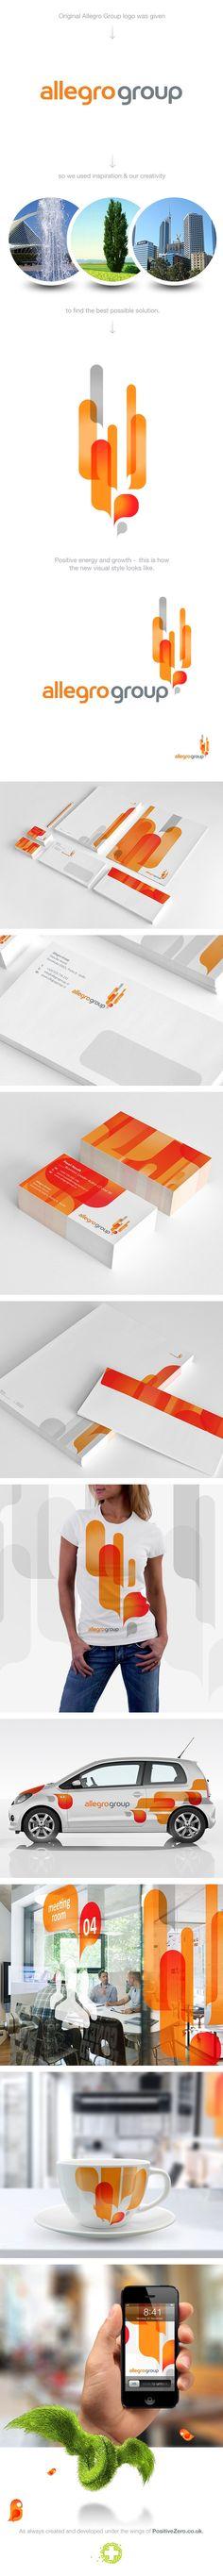 Allegro Group - Corporate Identity by PositiveZero.co.uk